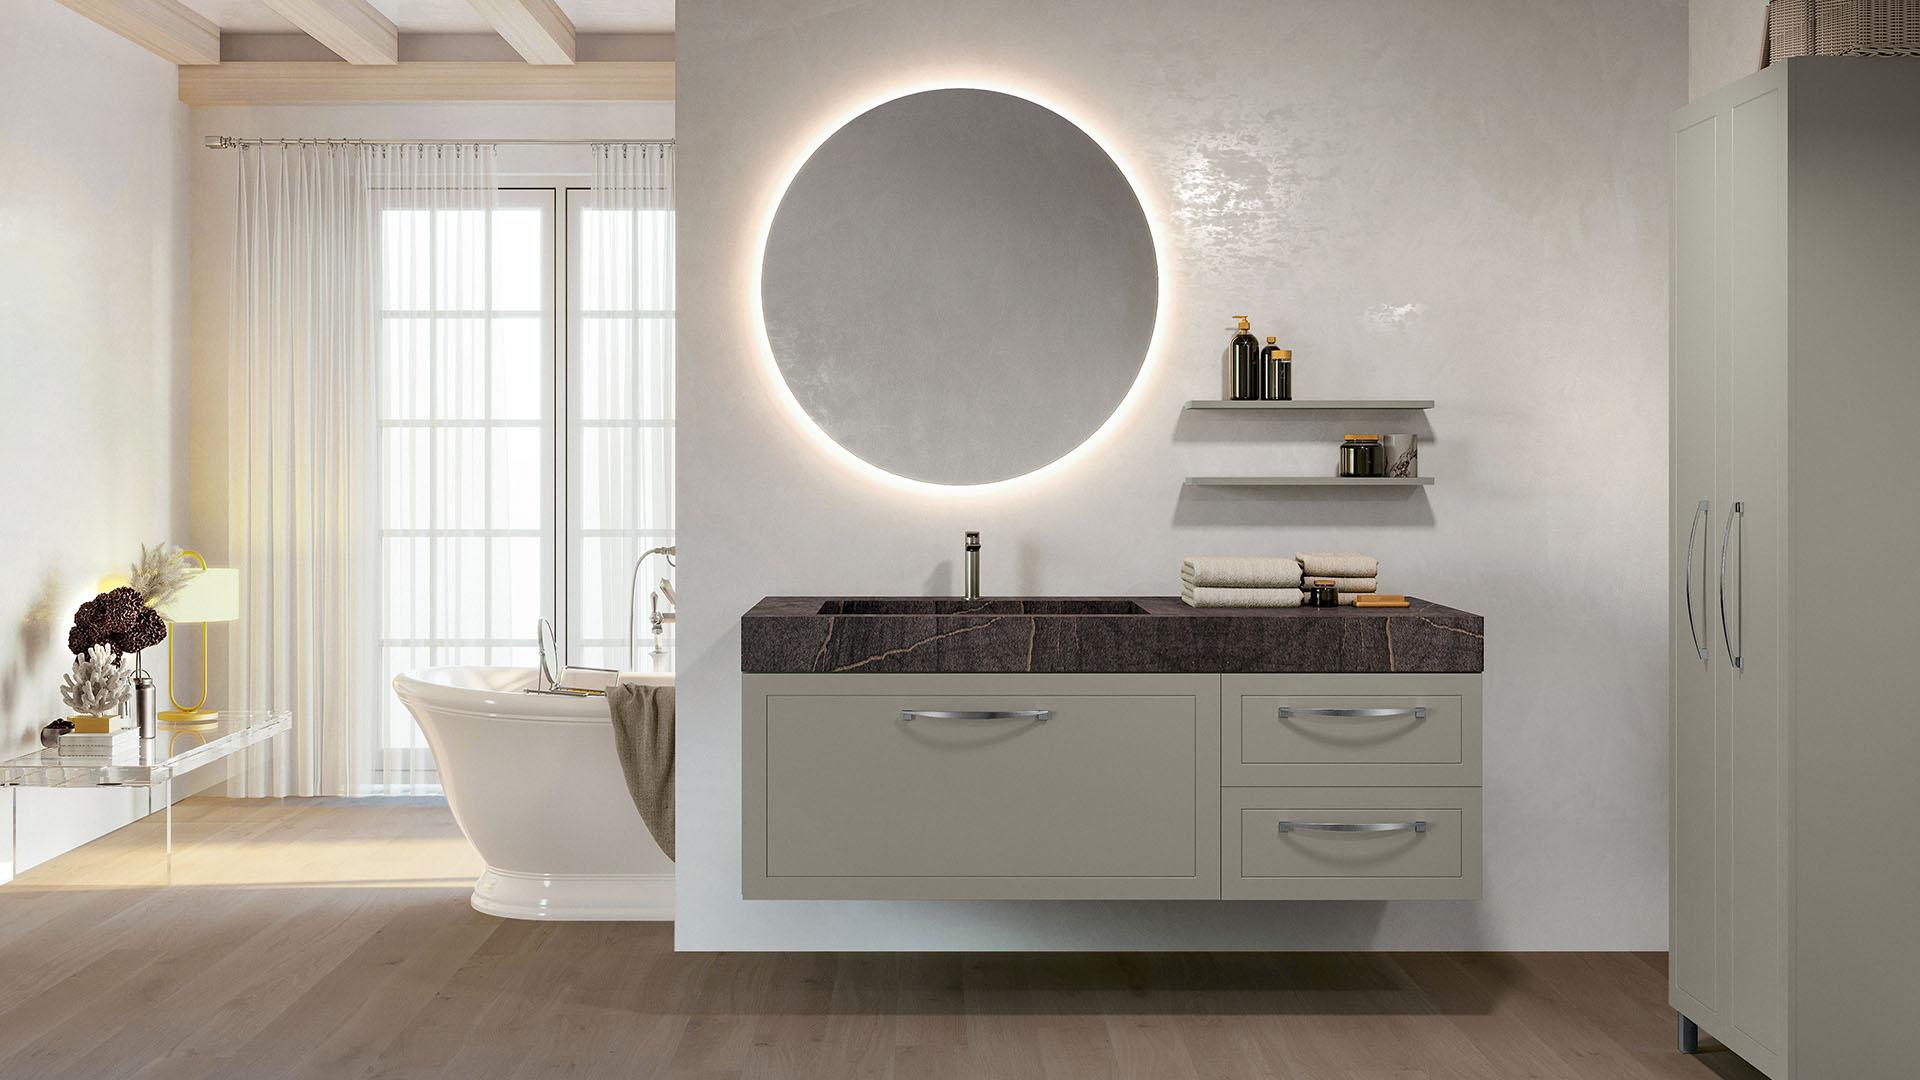 Bathroom Classic C01 - Licor Design